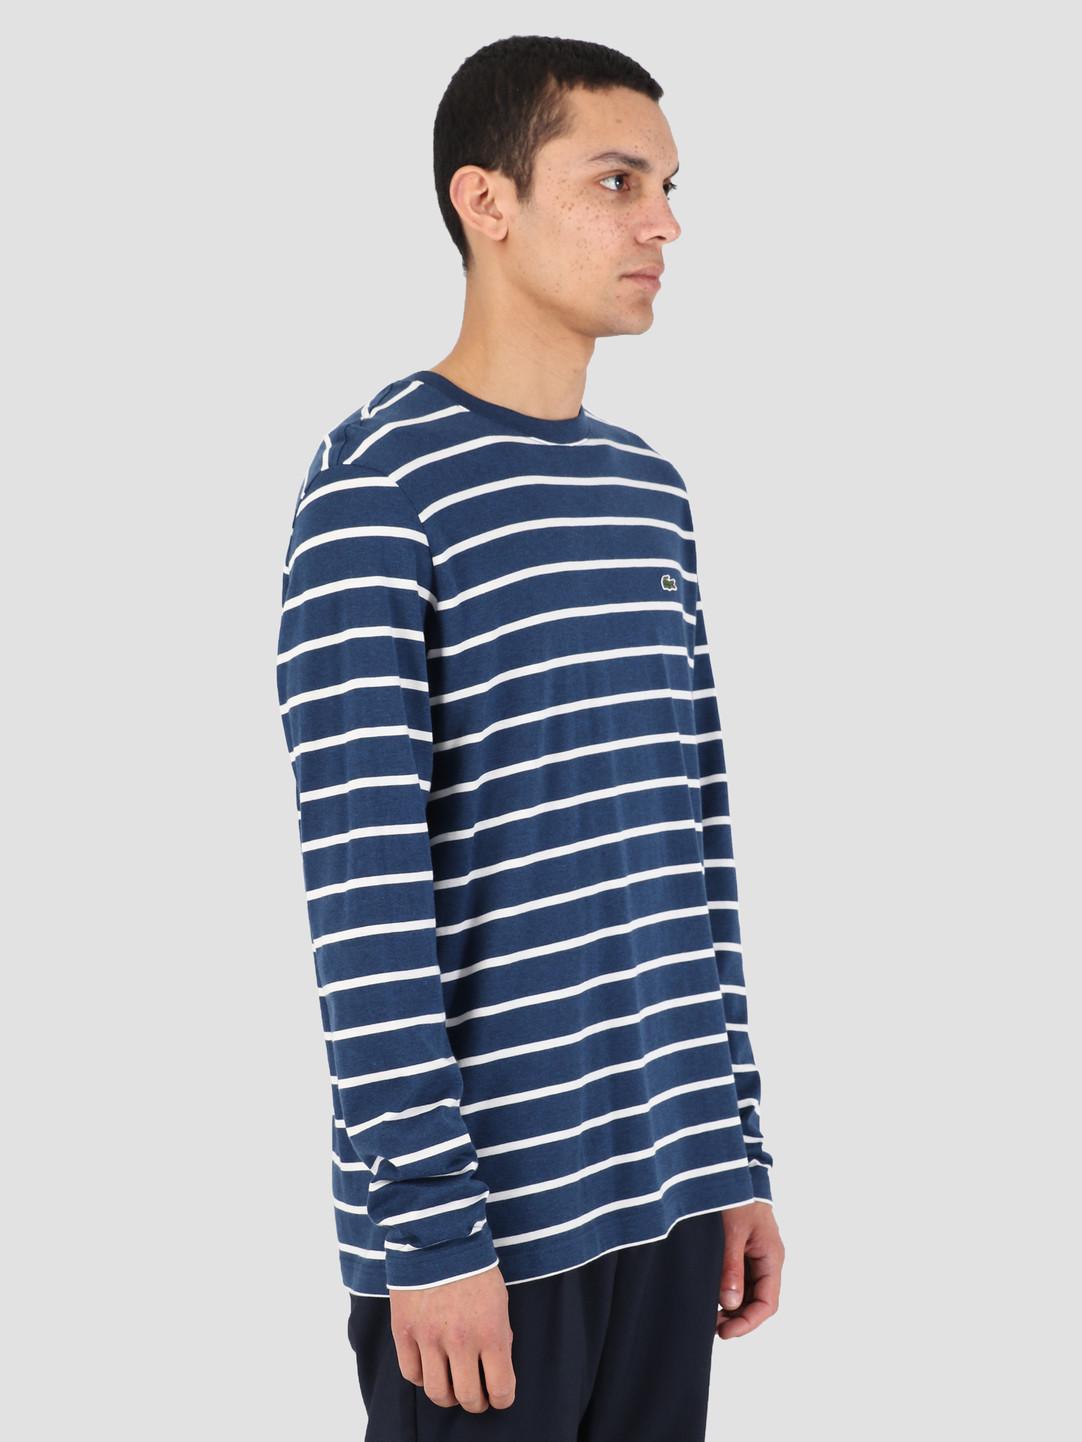 Lacoste Lacoste 1HT1 T-Shirt 07A Matelot 97E Chine Farine Th9416-83